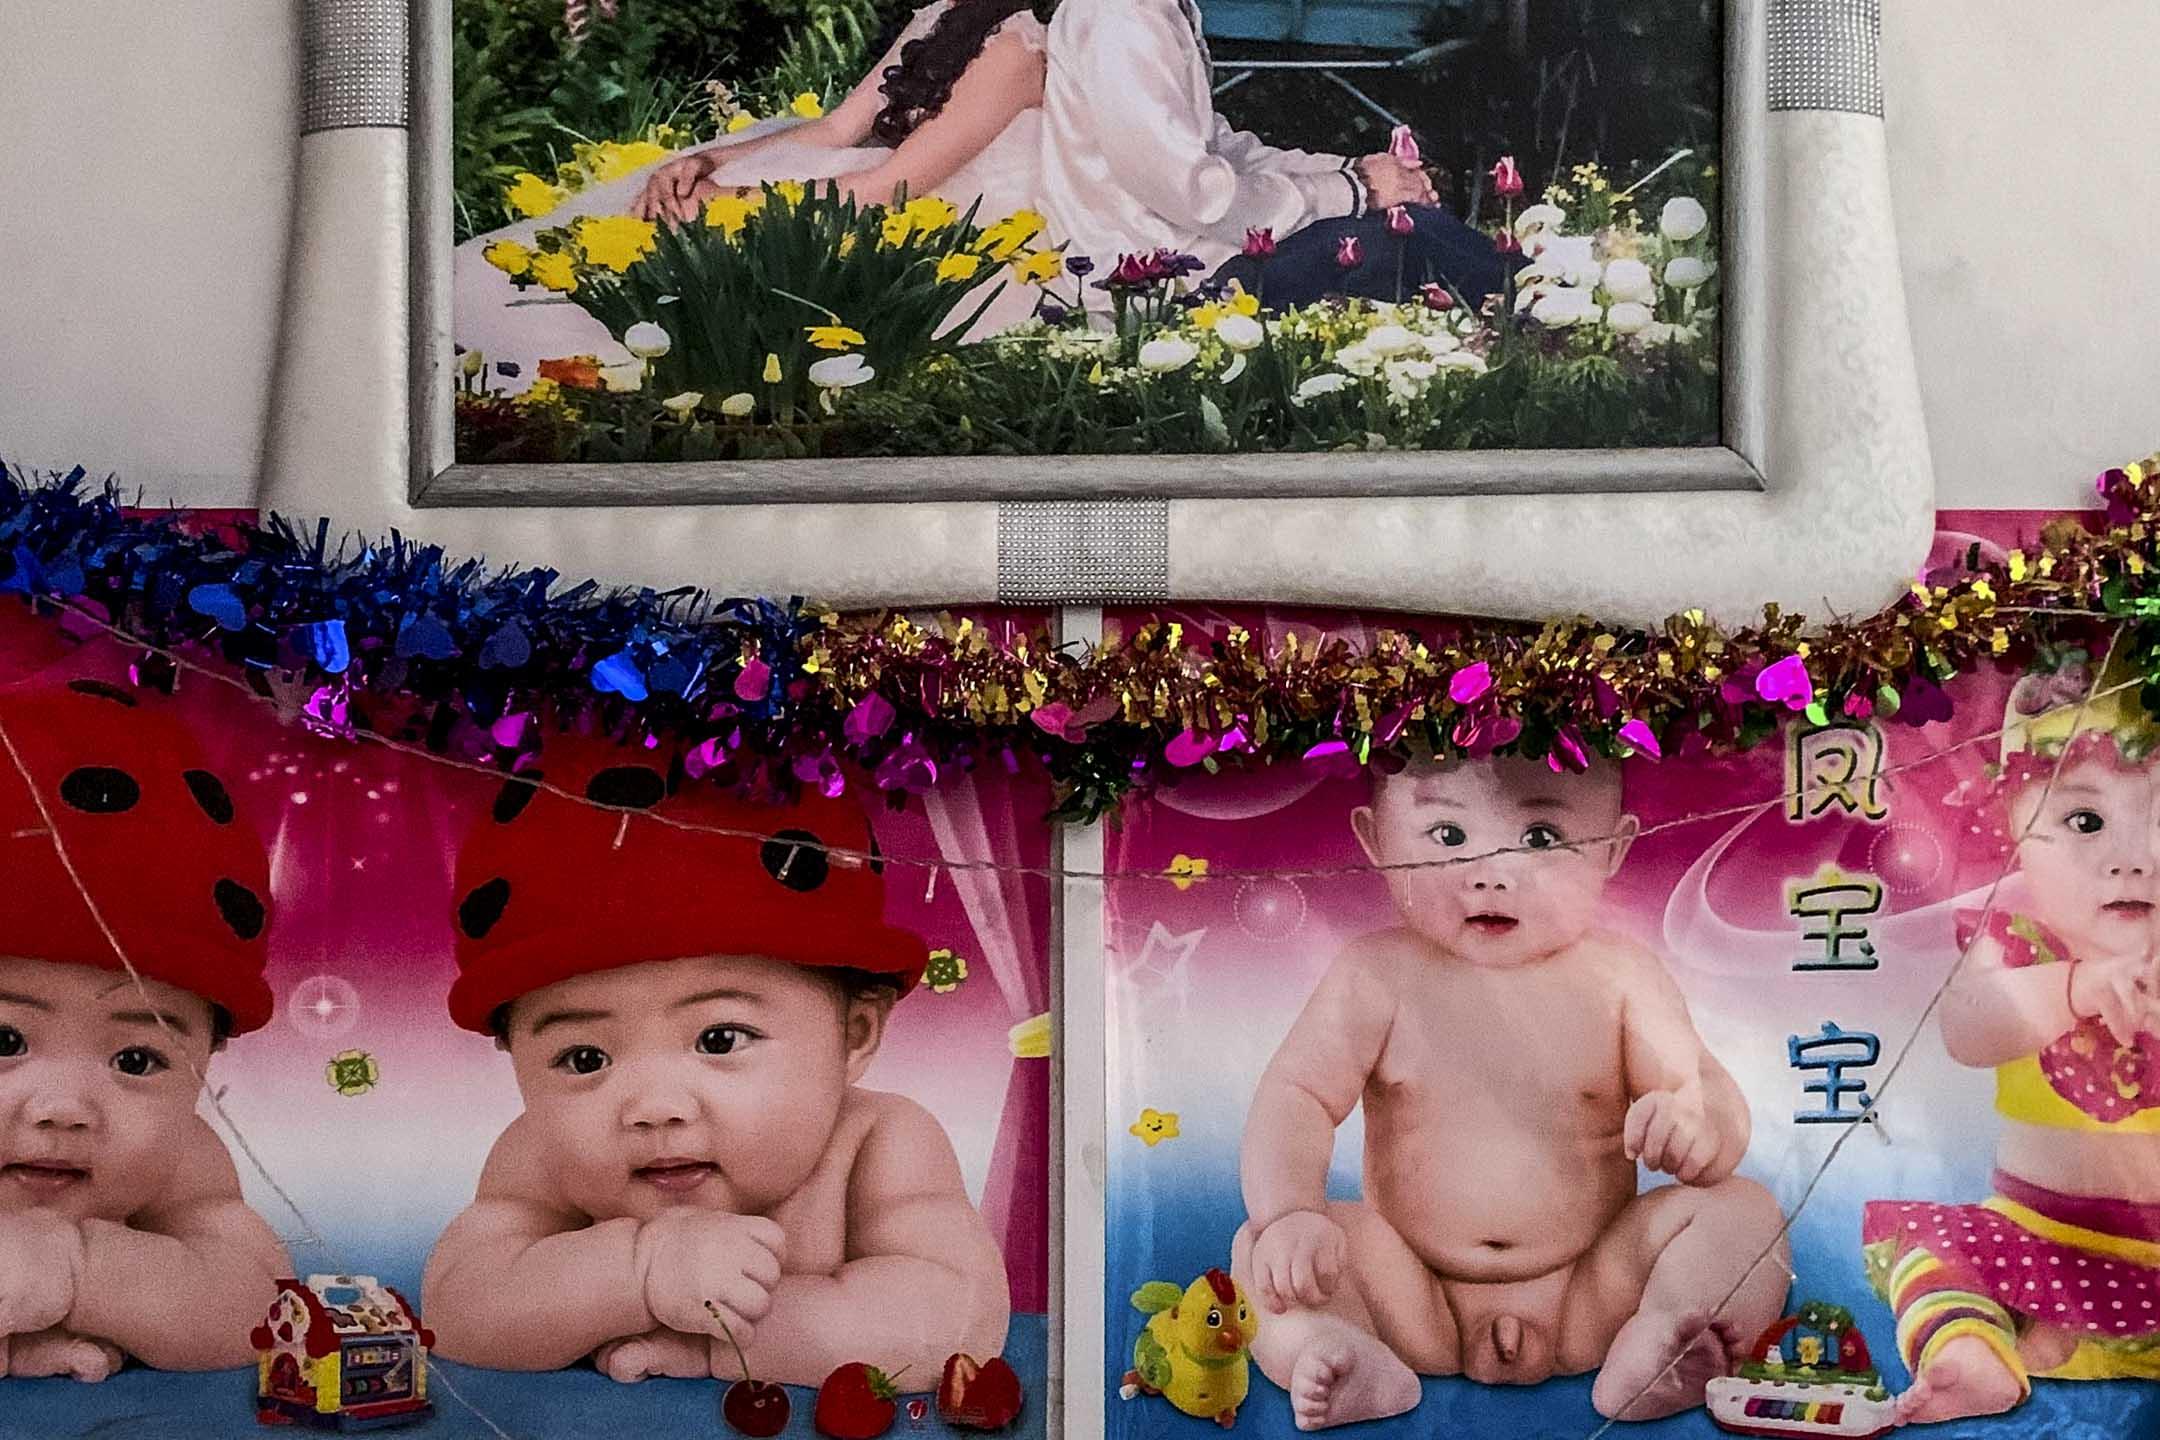 越南新娘逃跑後的第五個月,小北的臥室裏依舊掛著當初拍的結婚照。照片下的嬰兒圖片,是長輩對新婚夫婦早日「開花結果」的祝福。 攝影:阿唐